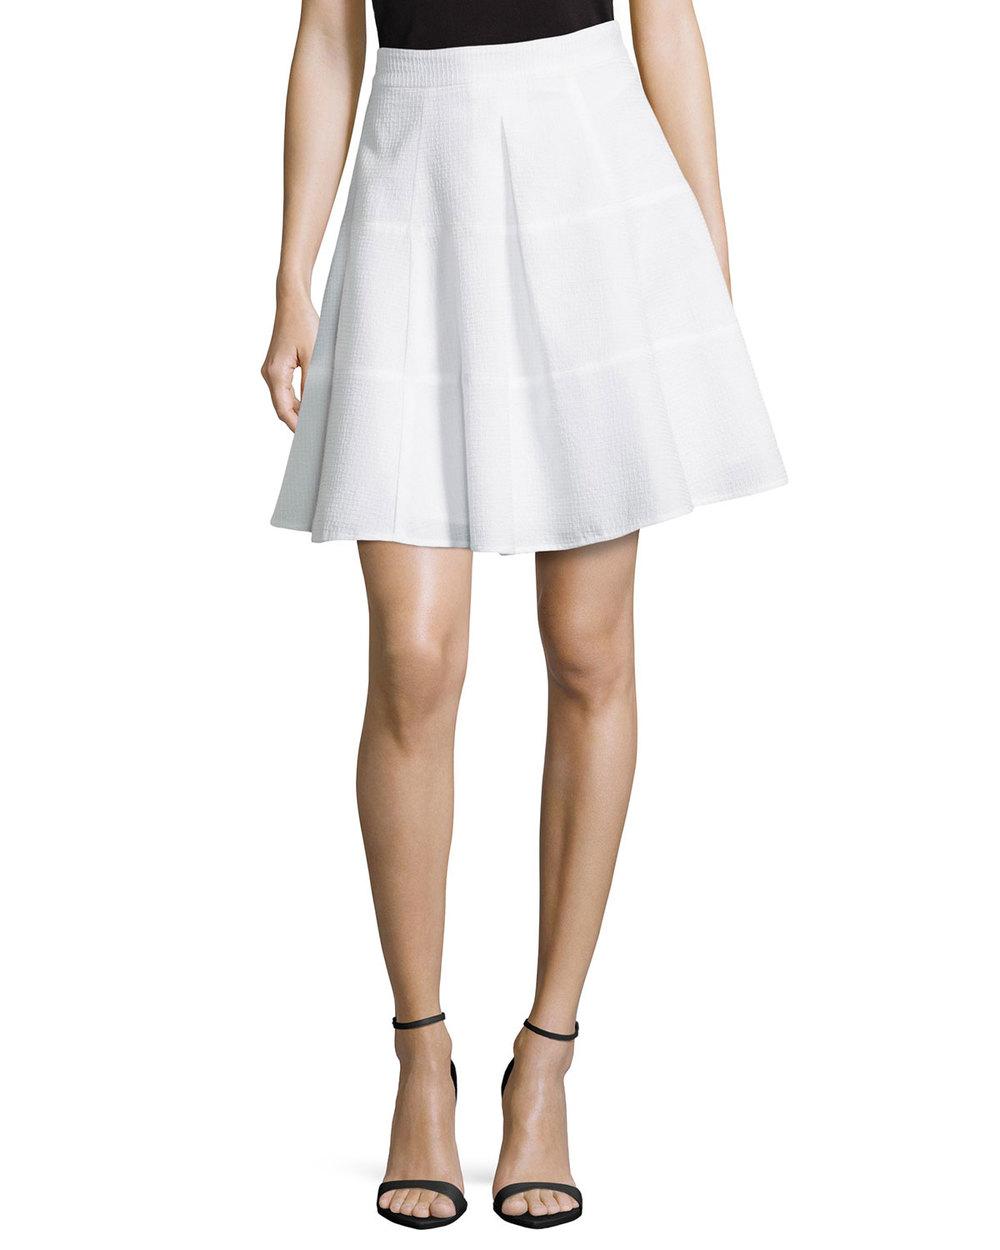 nanette lepore white skirt .jpg